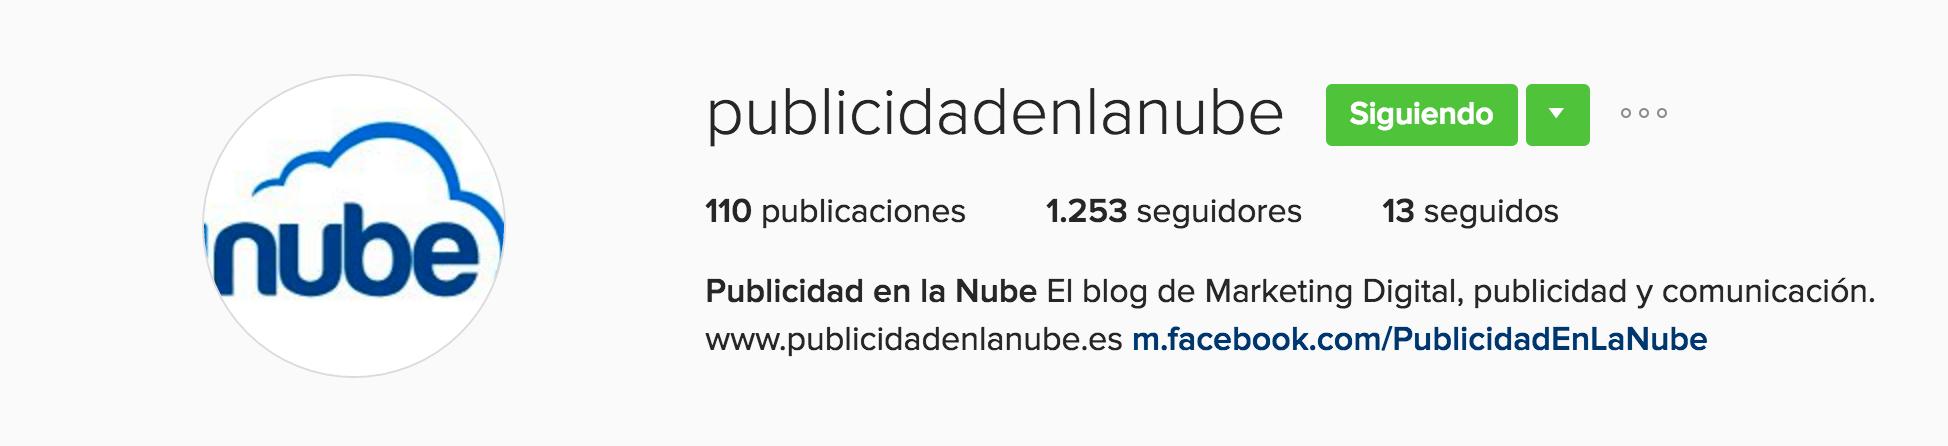 publicidadenlanube usos de instagram para empresas